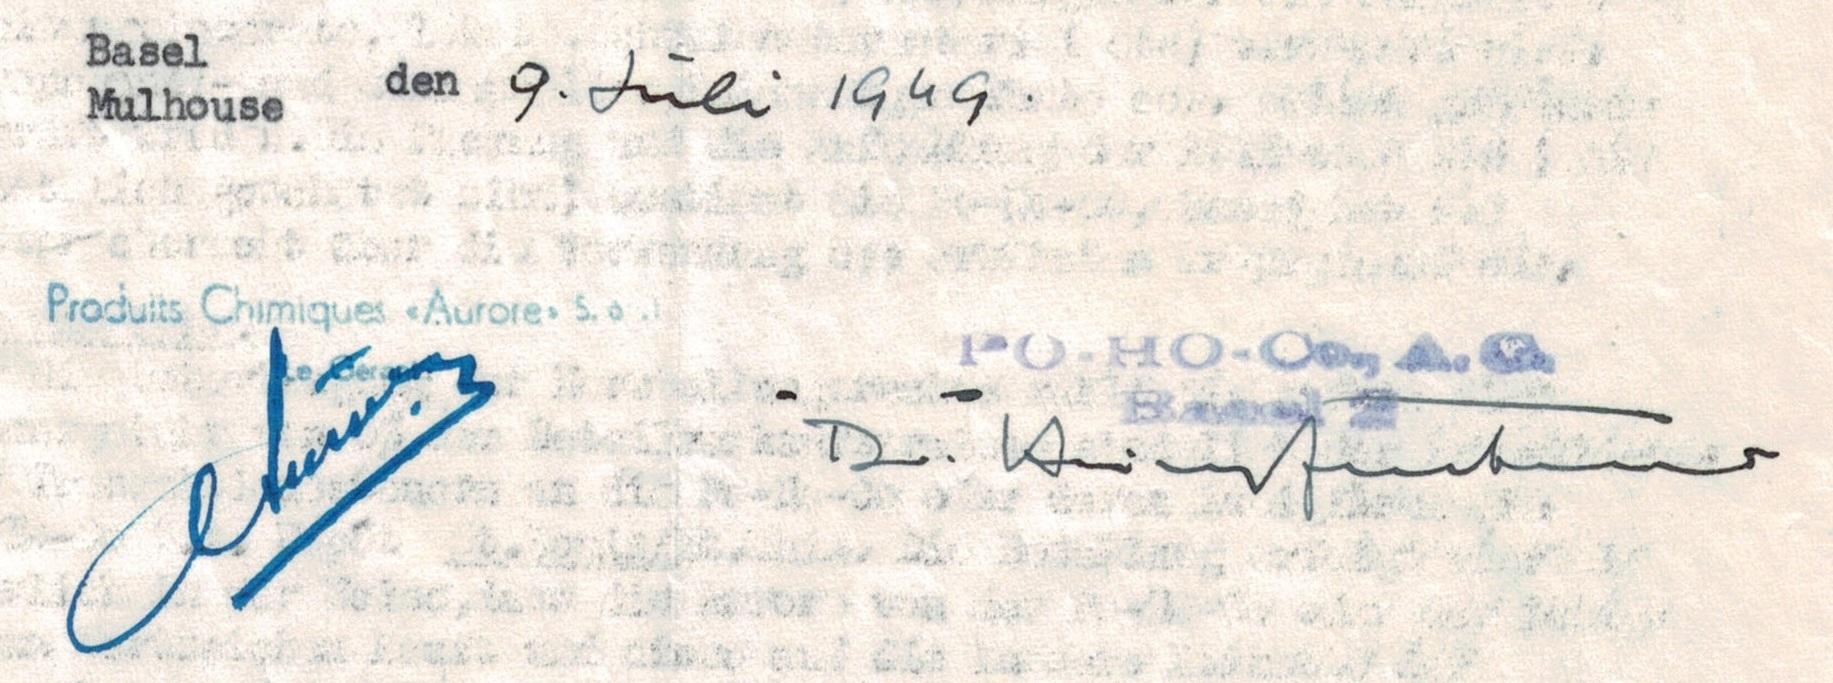 Contrat OLBAS__09 07 1949